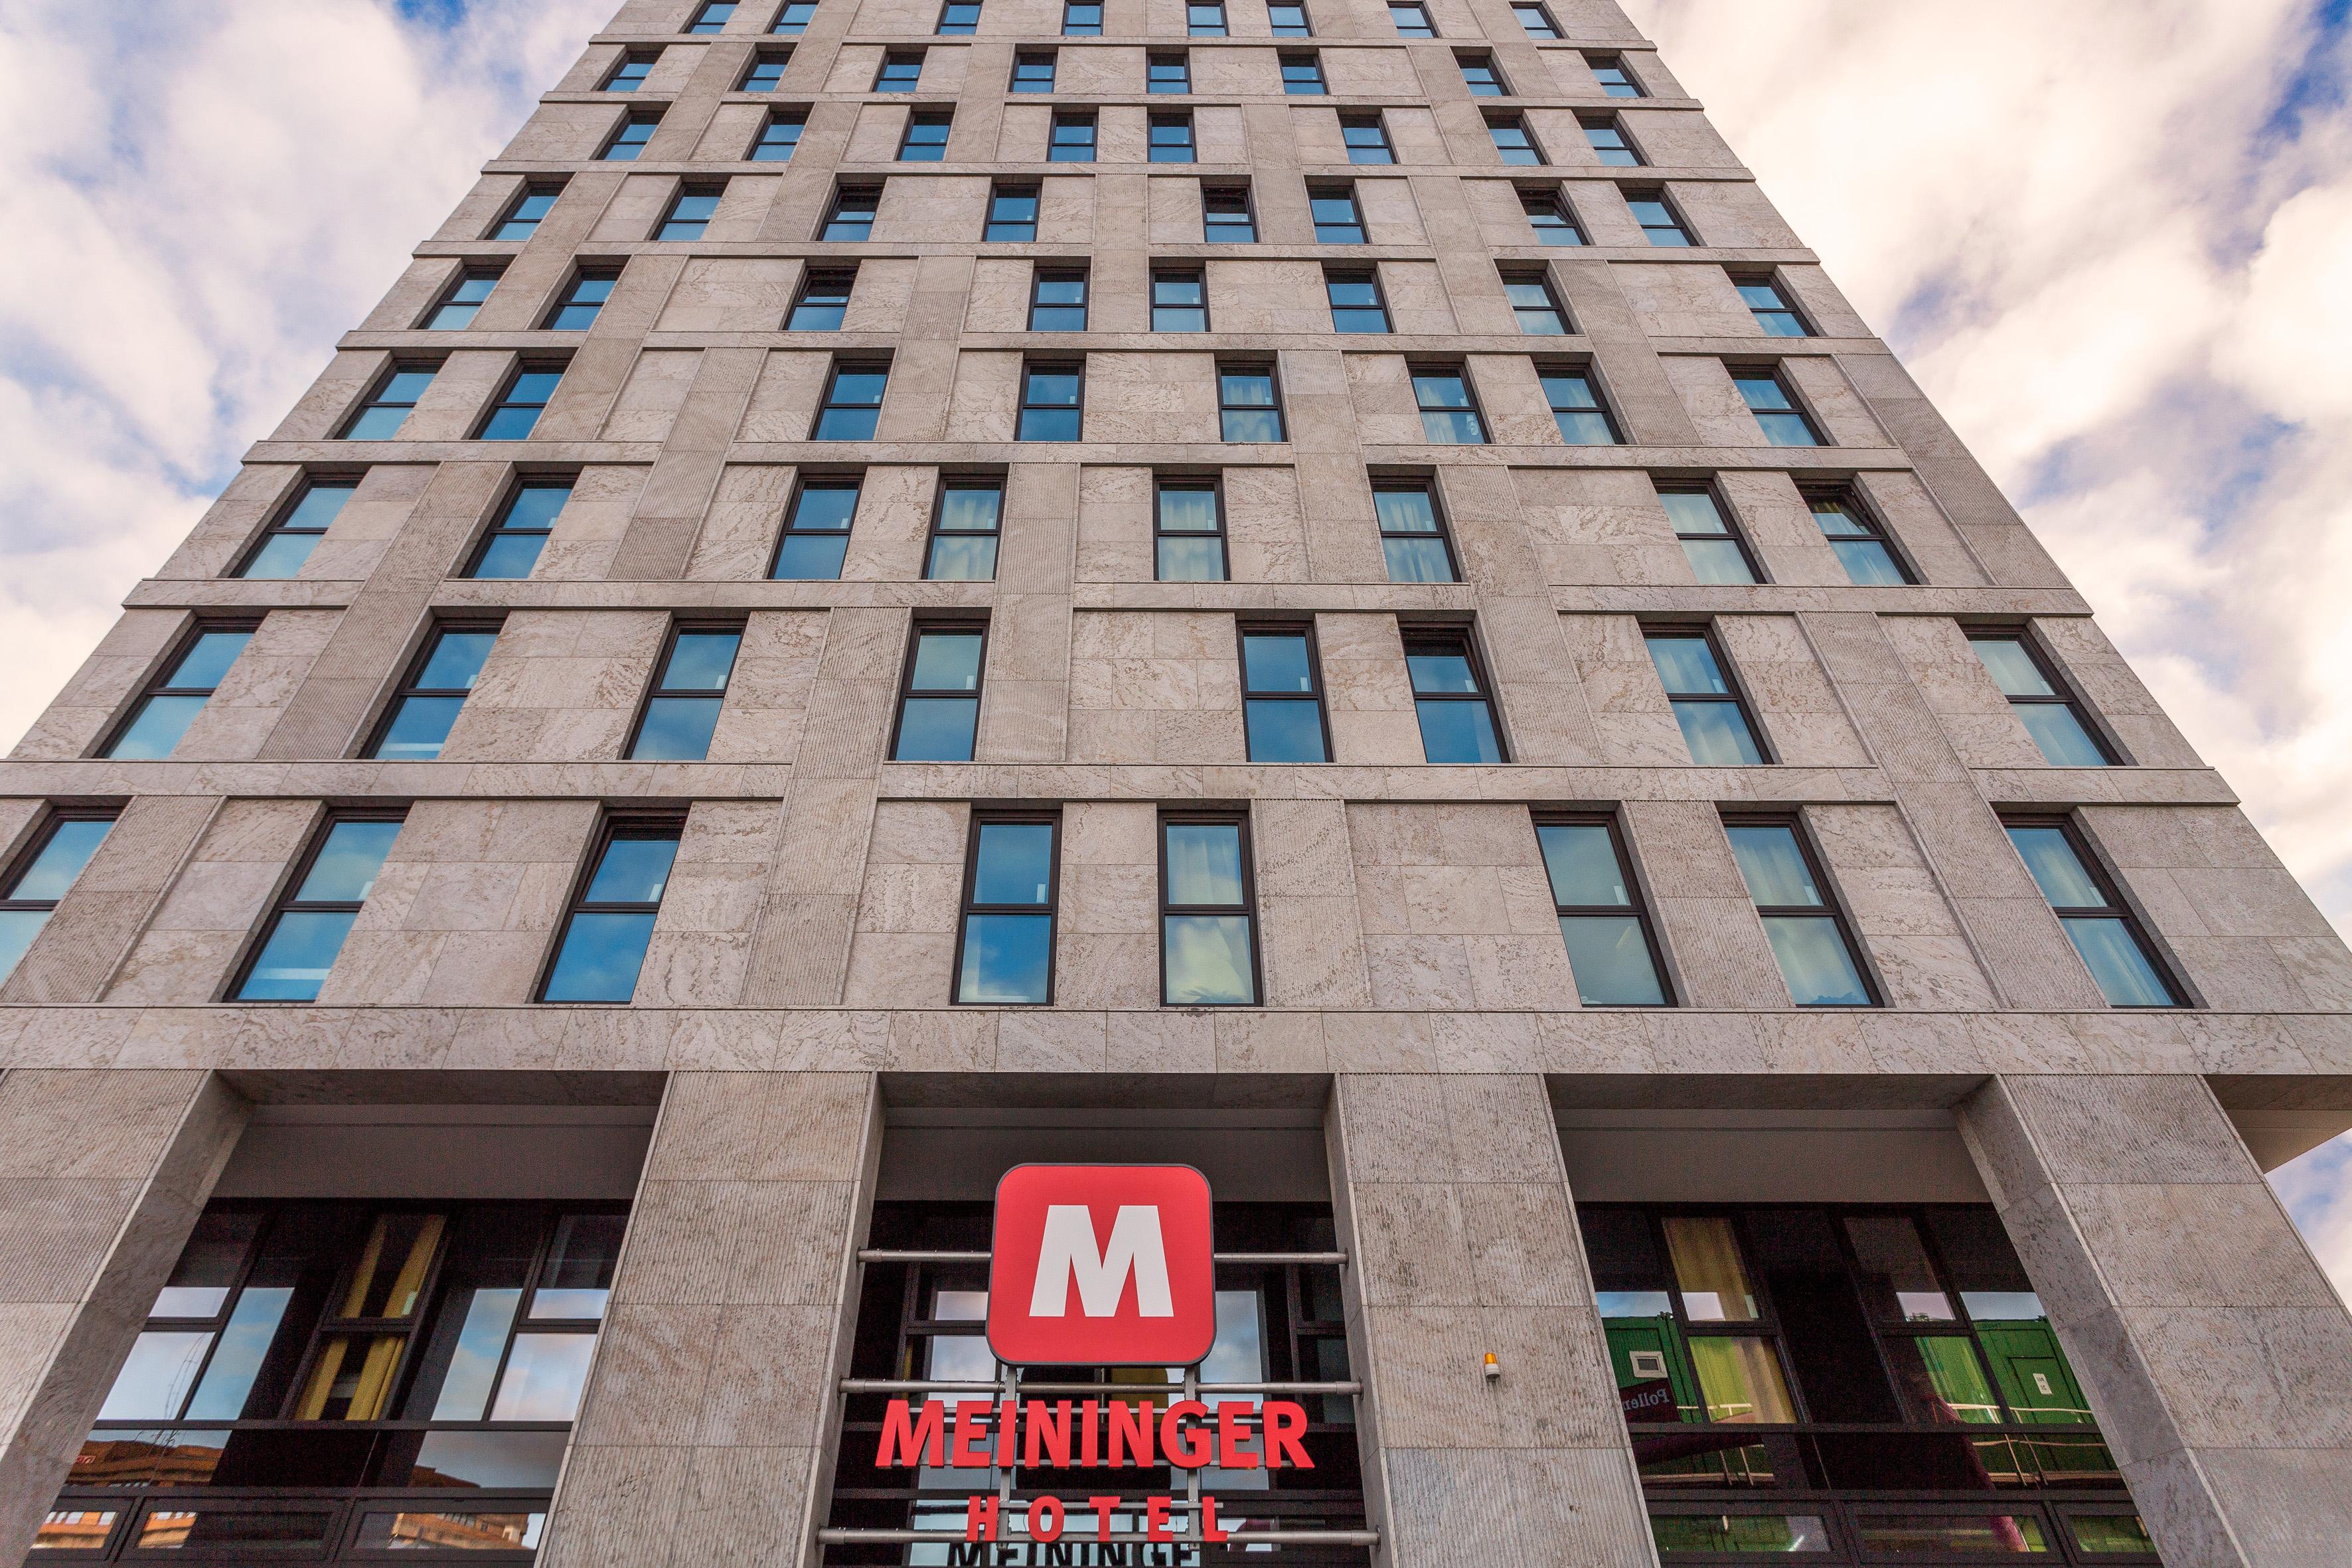 MEININGER Hotel Berlin East Side Gallery - General